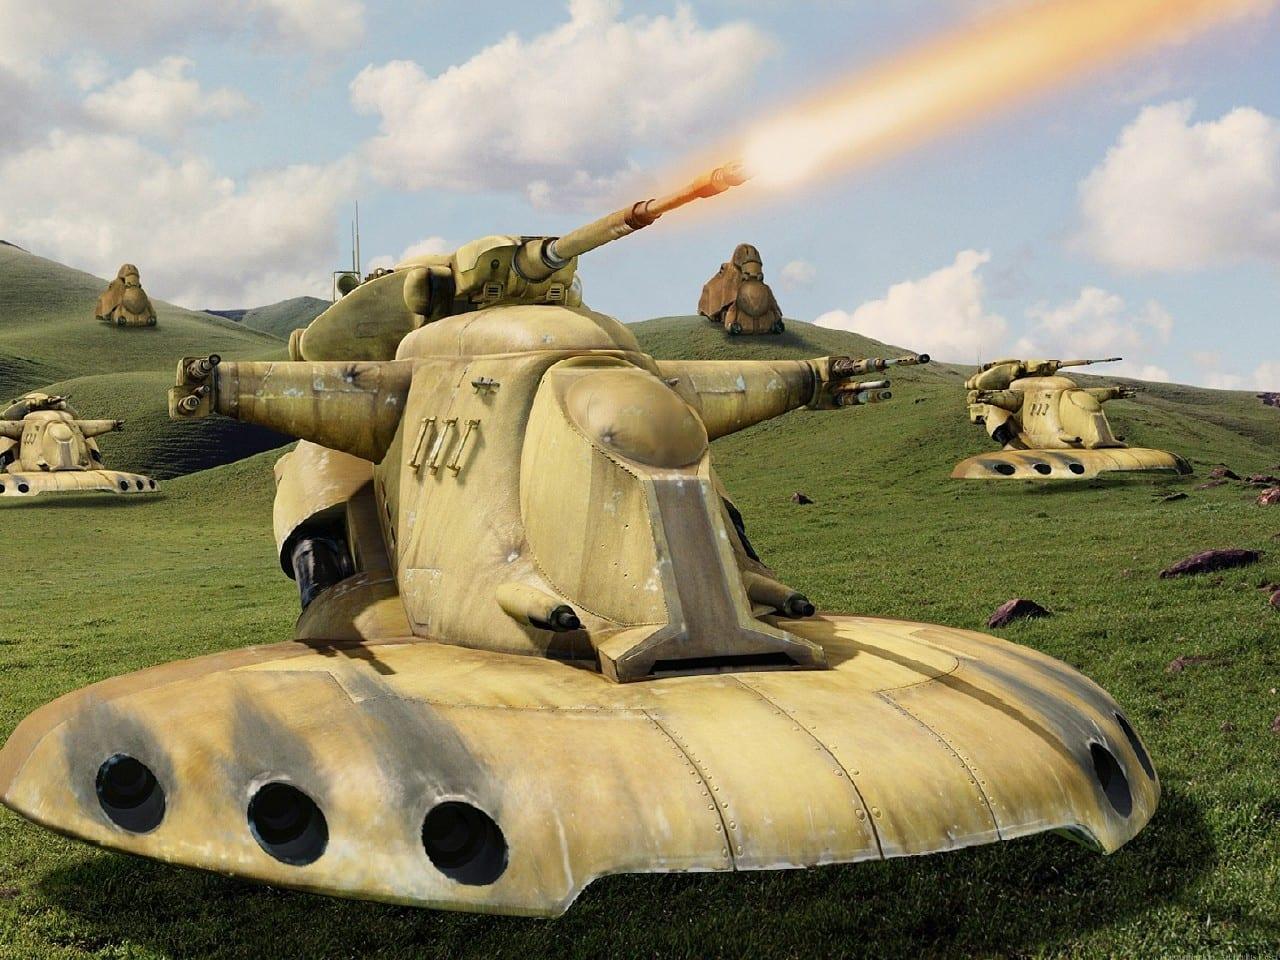 Carri armati equipaggiati con cannoni laser, li vedremo mai in guerra?